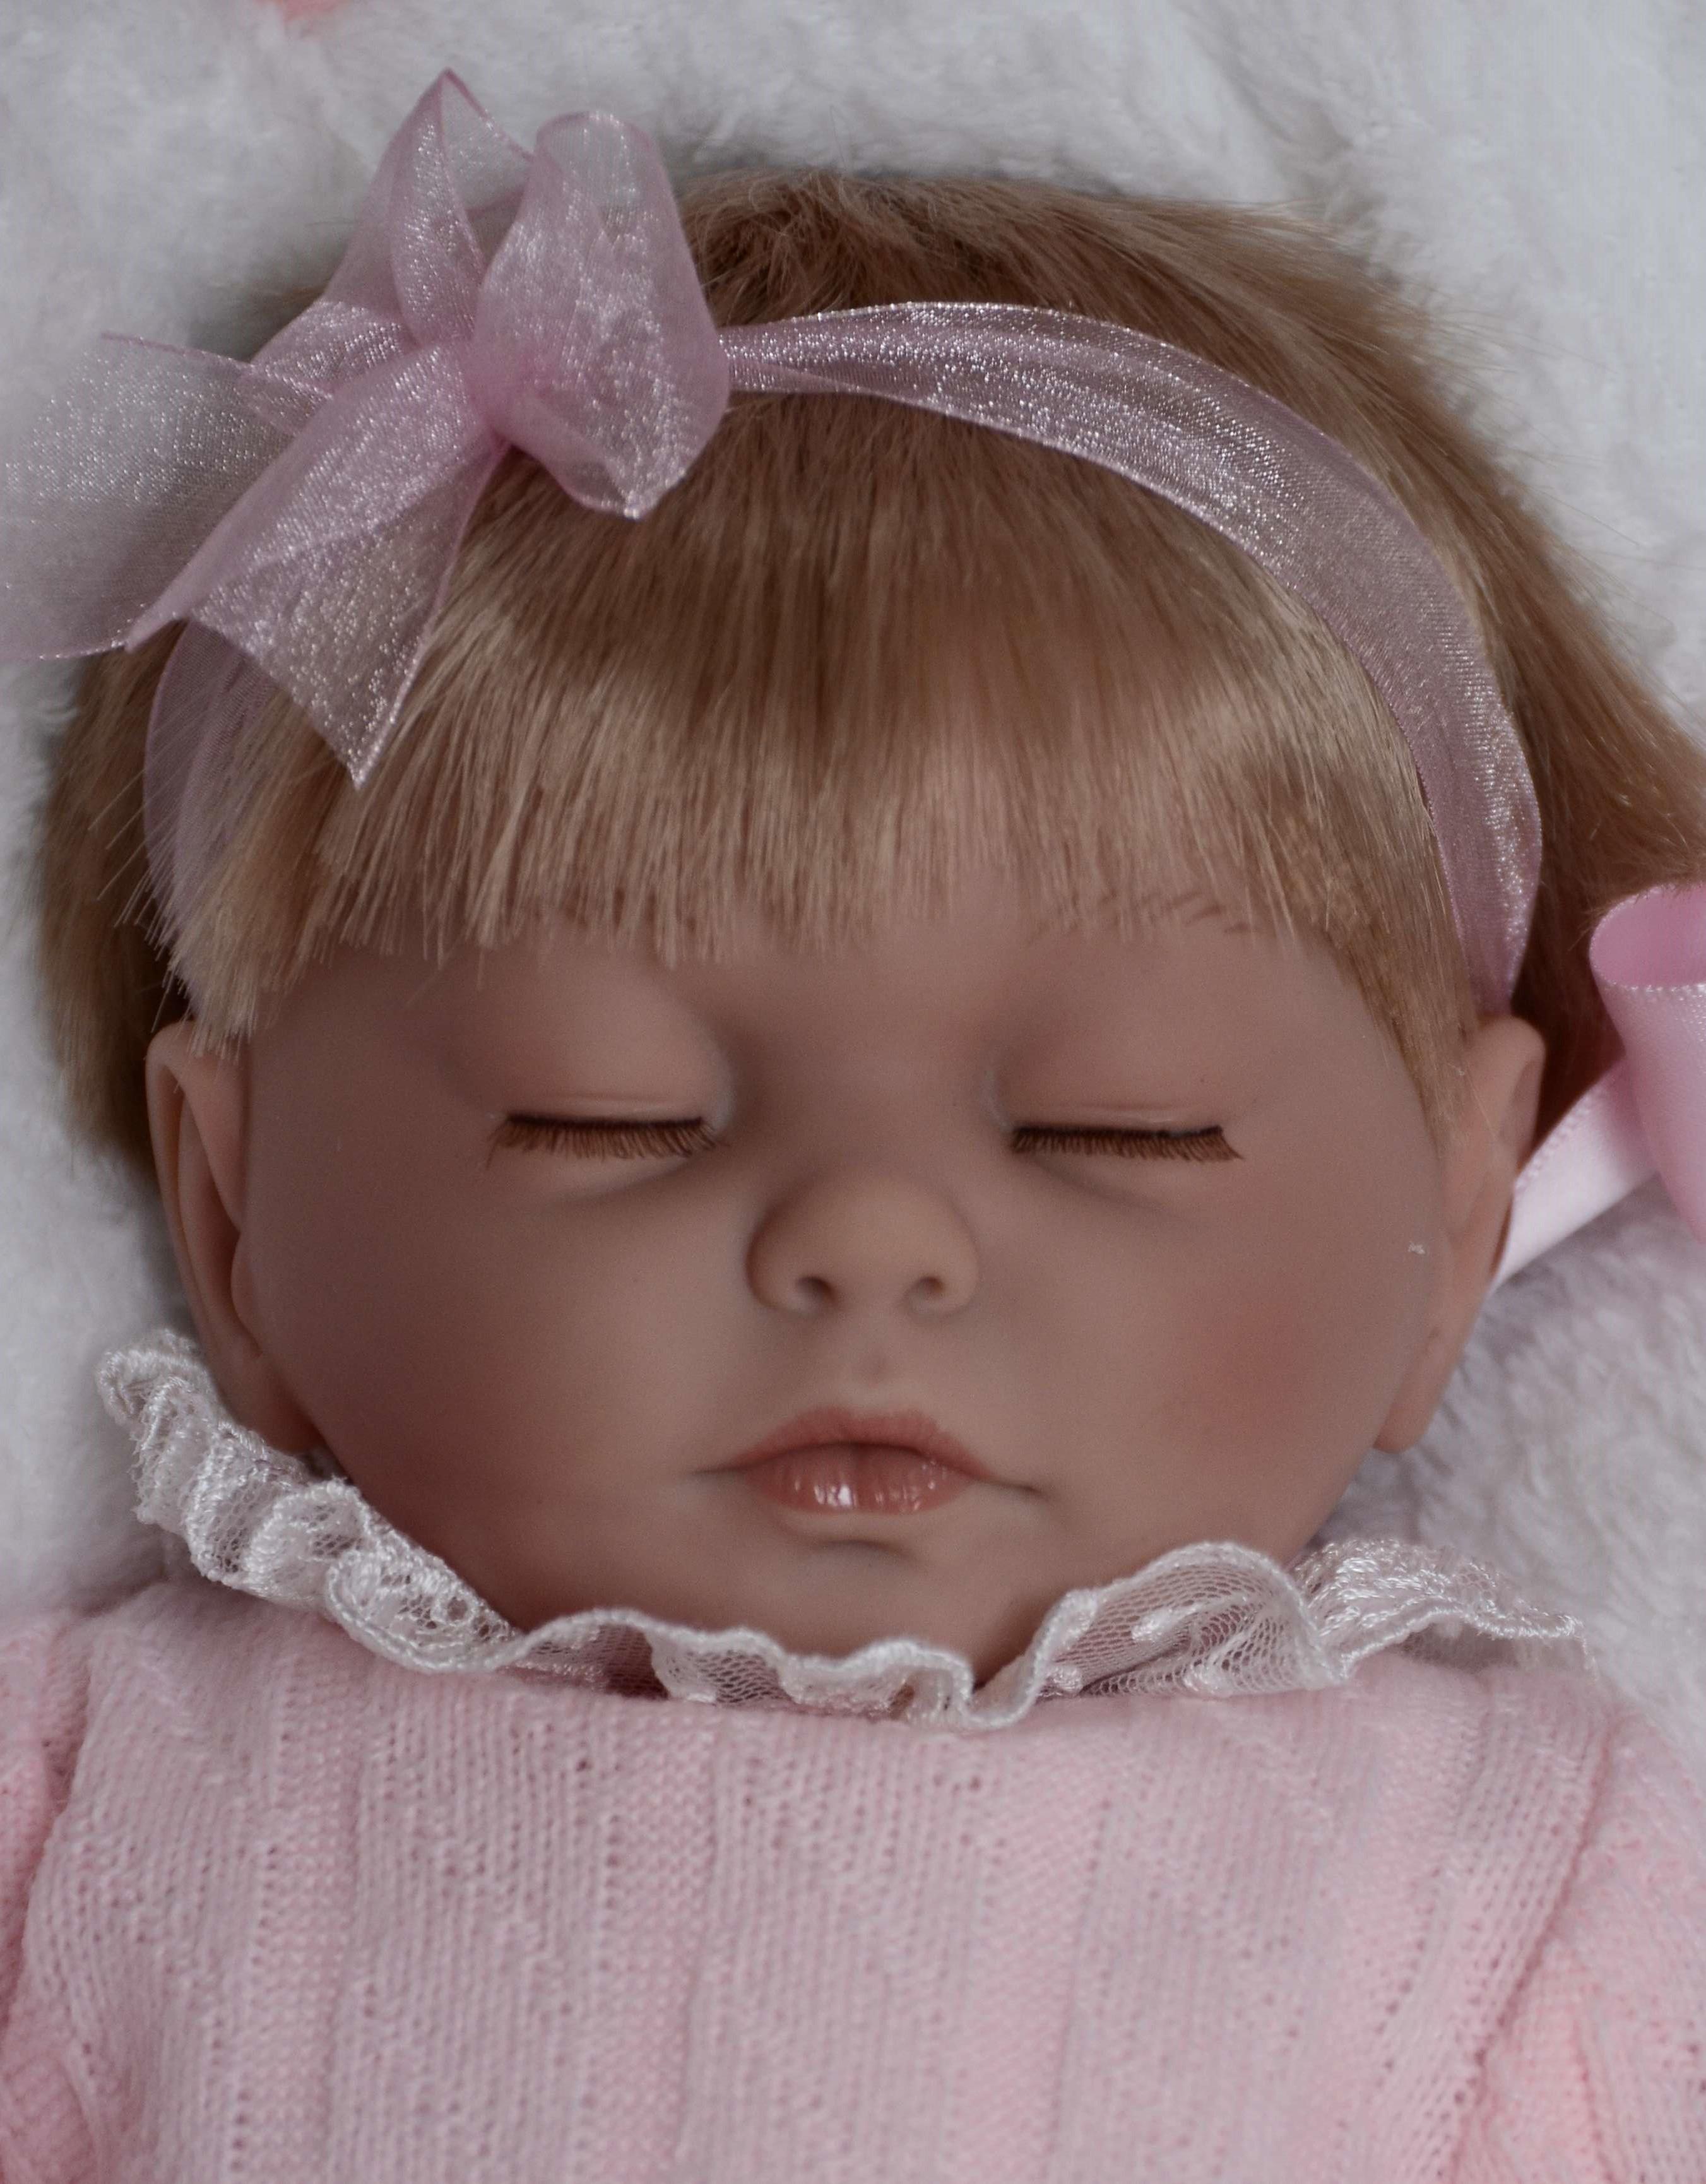 Spící holčička - Kristýna v zavinovačce od firmy Guca (Realistické miminko ze Španělska)